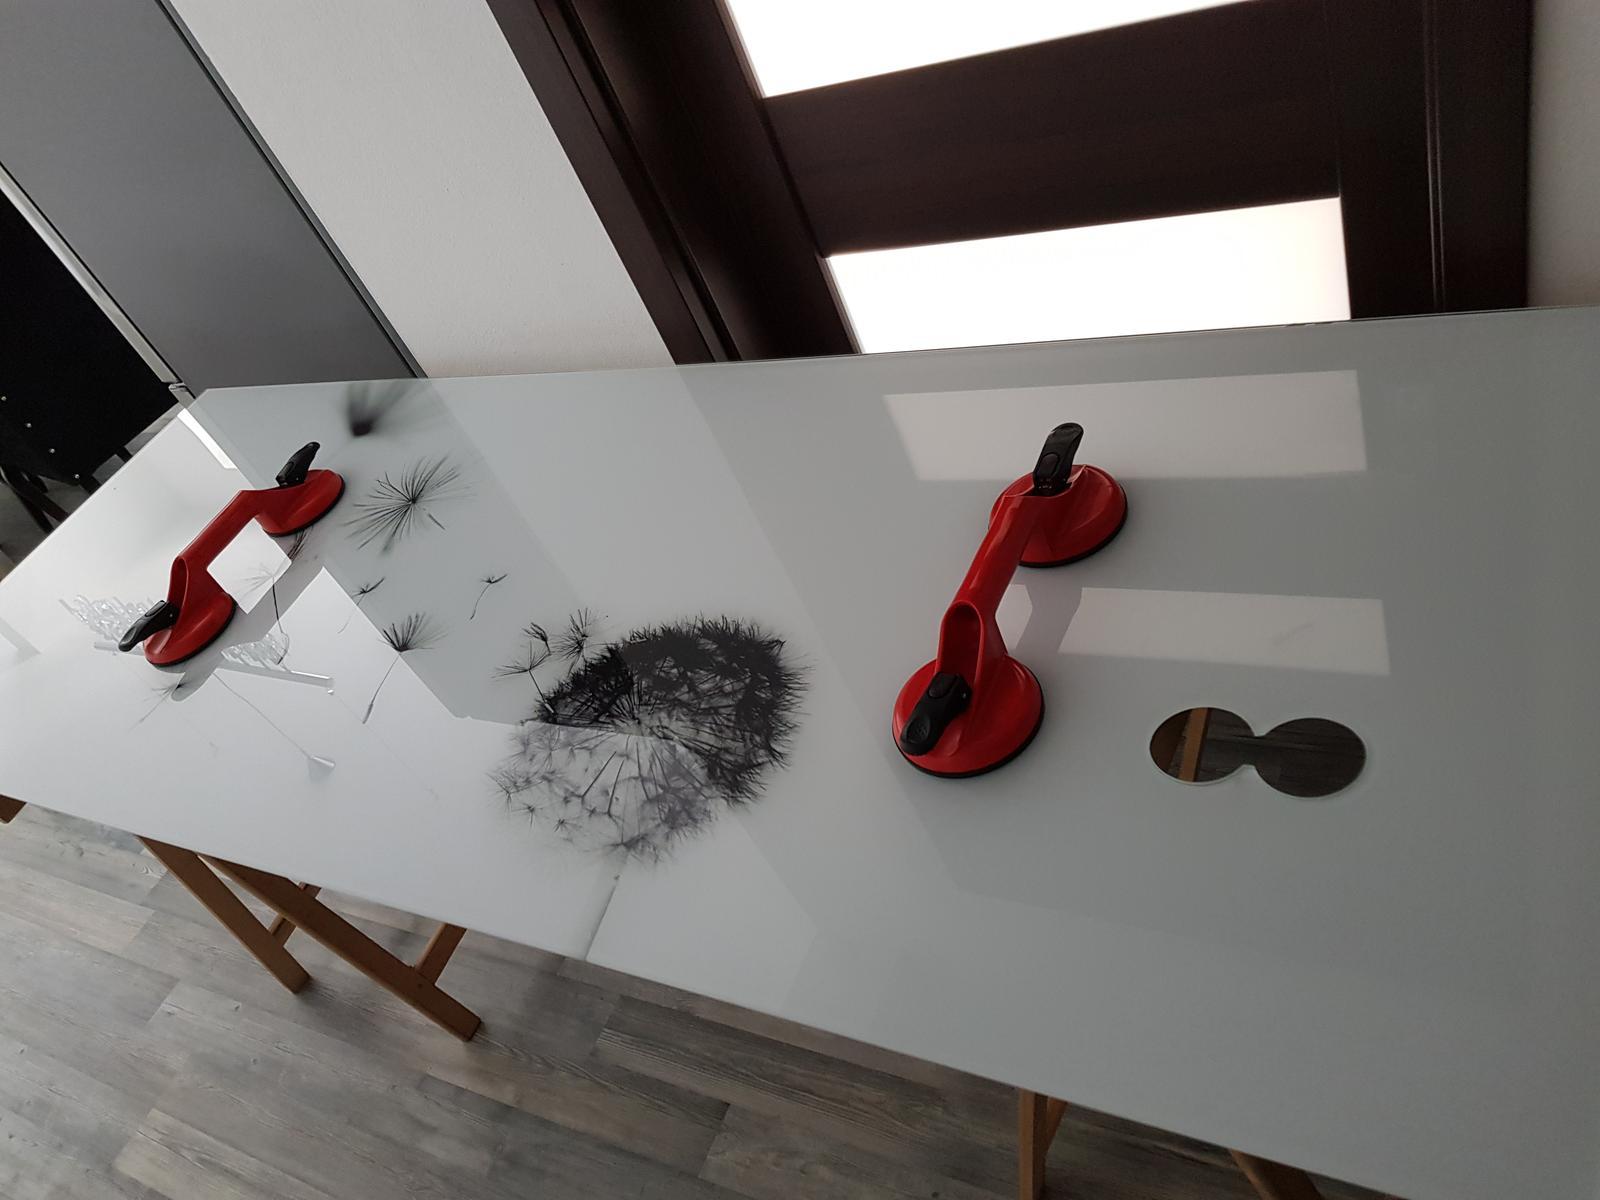 Dodávka a montáž sklenenej zásteny s motívom (Bratislava). - Obrázok č. 4